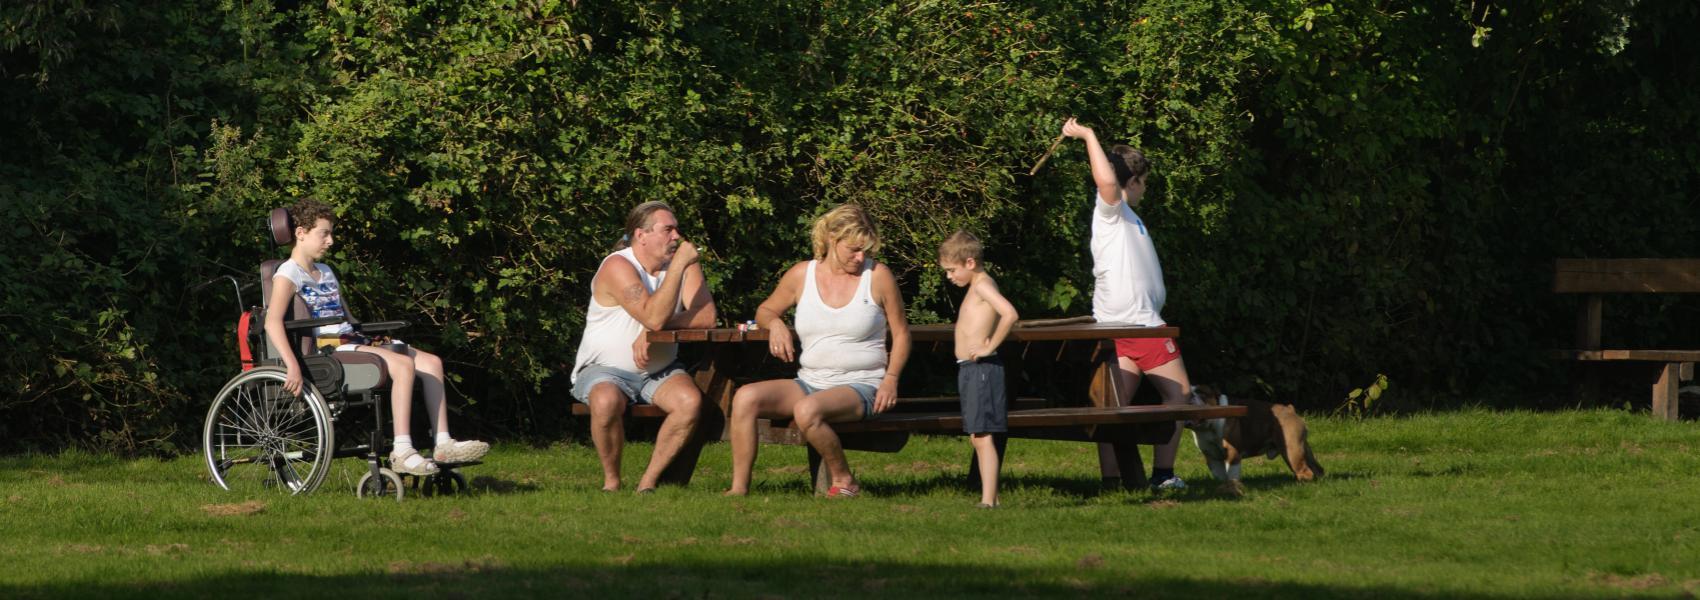 gezin op een picknickbank